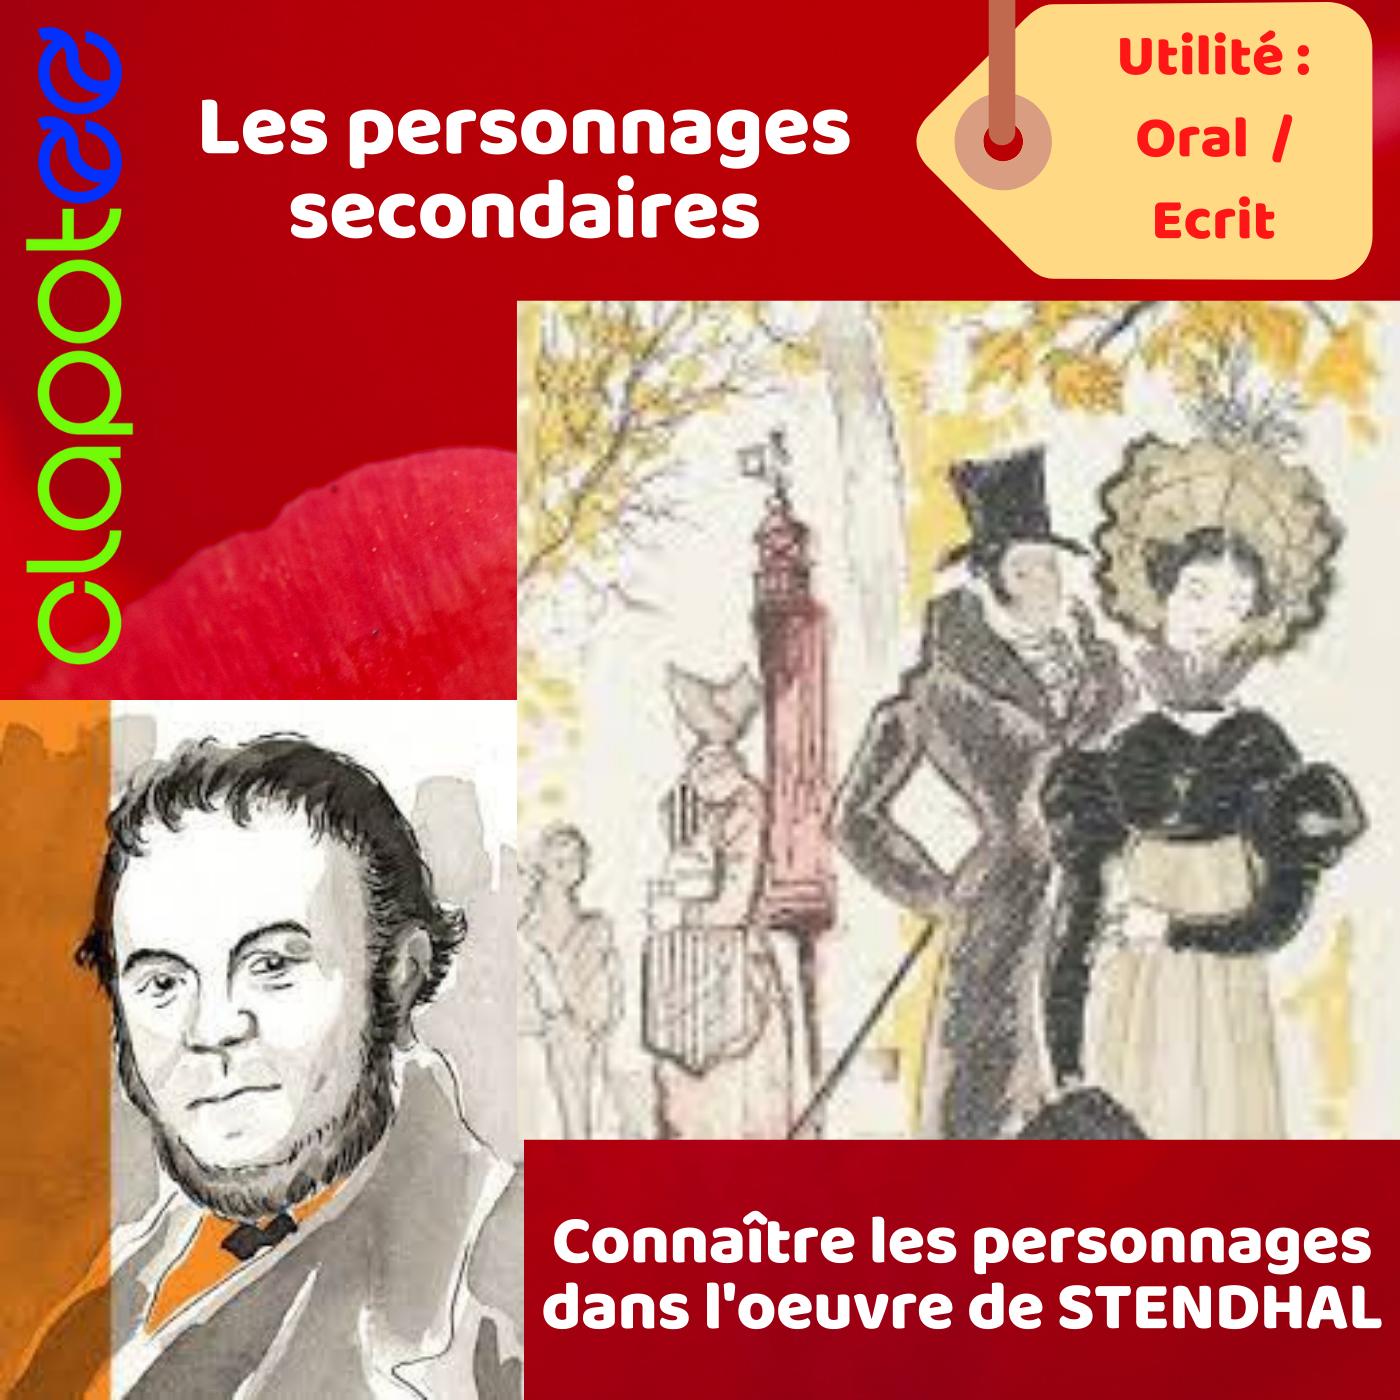 Les personnages secondaires dans le Rouge et le Noir de STENDHAL.